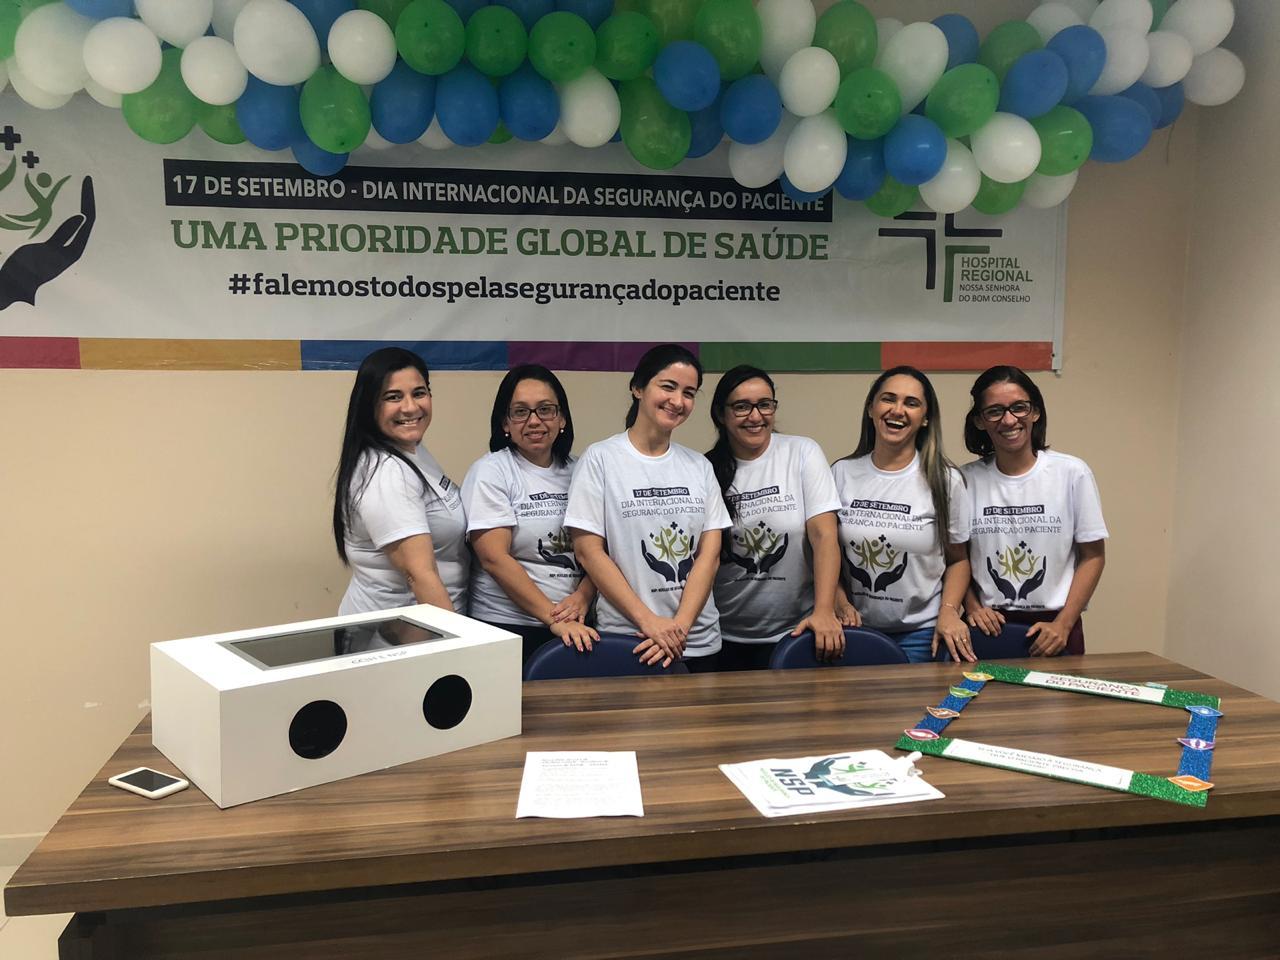 Funcionários do Hospital Regional de Arapiraca fazem paródia sobre Segurança do Paciente